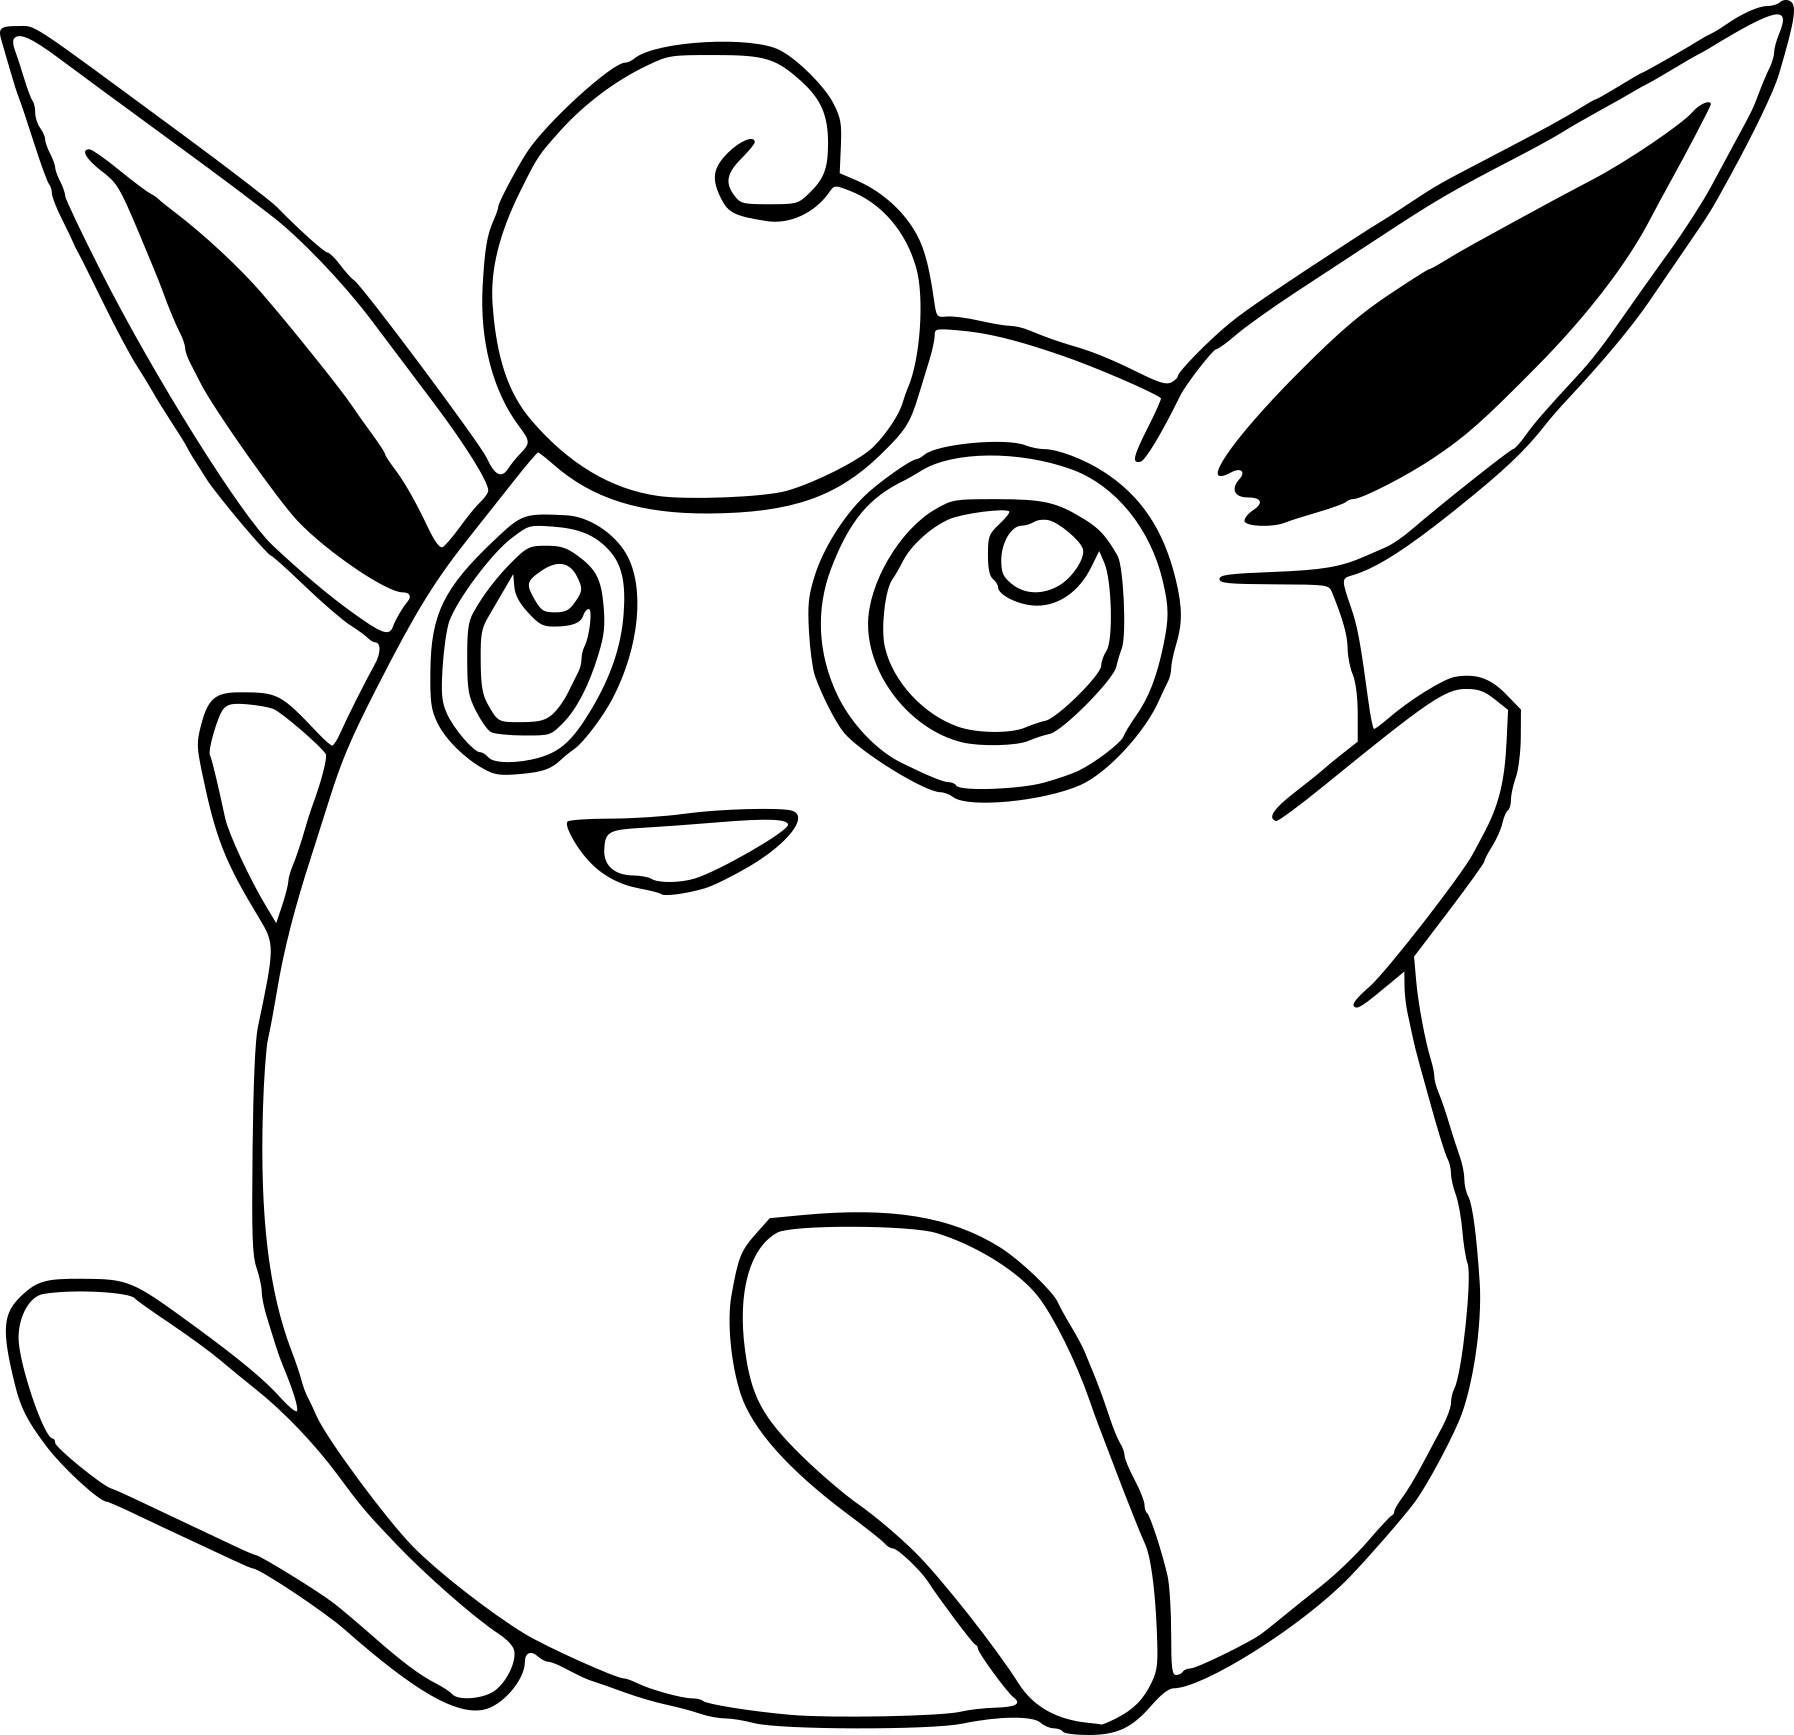 Grodoudou : Coloriage Grodoudou Pokemon À Imprimer pour Dessin De Doudou